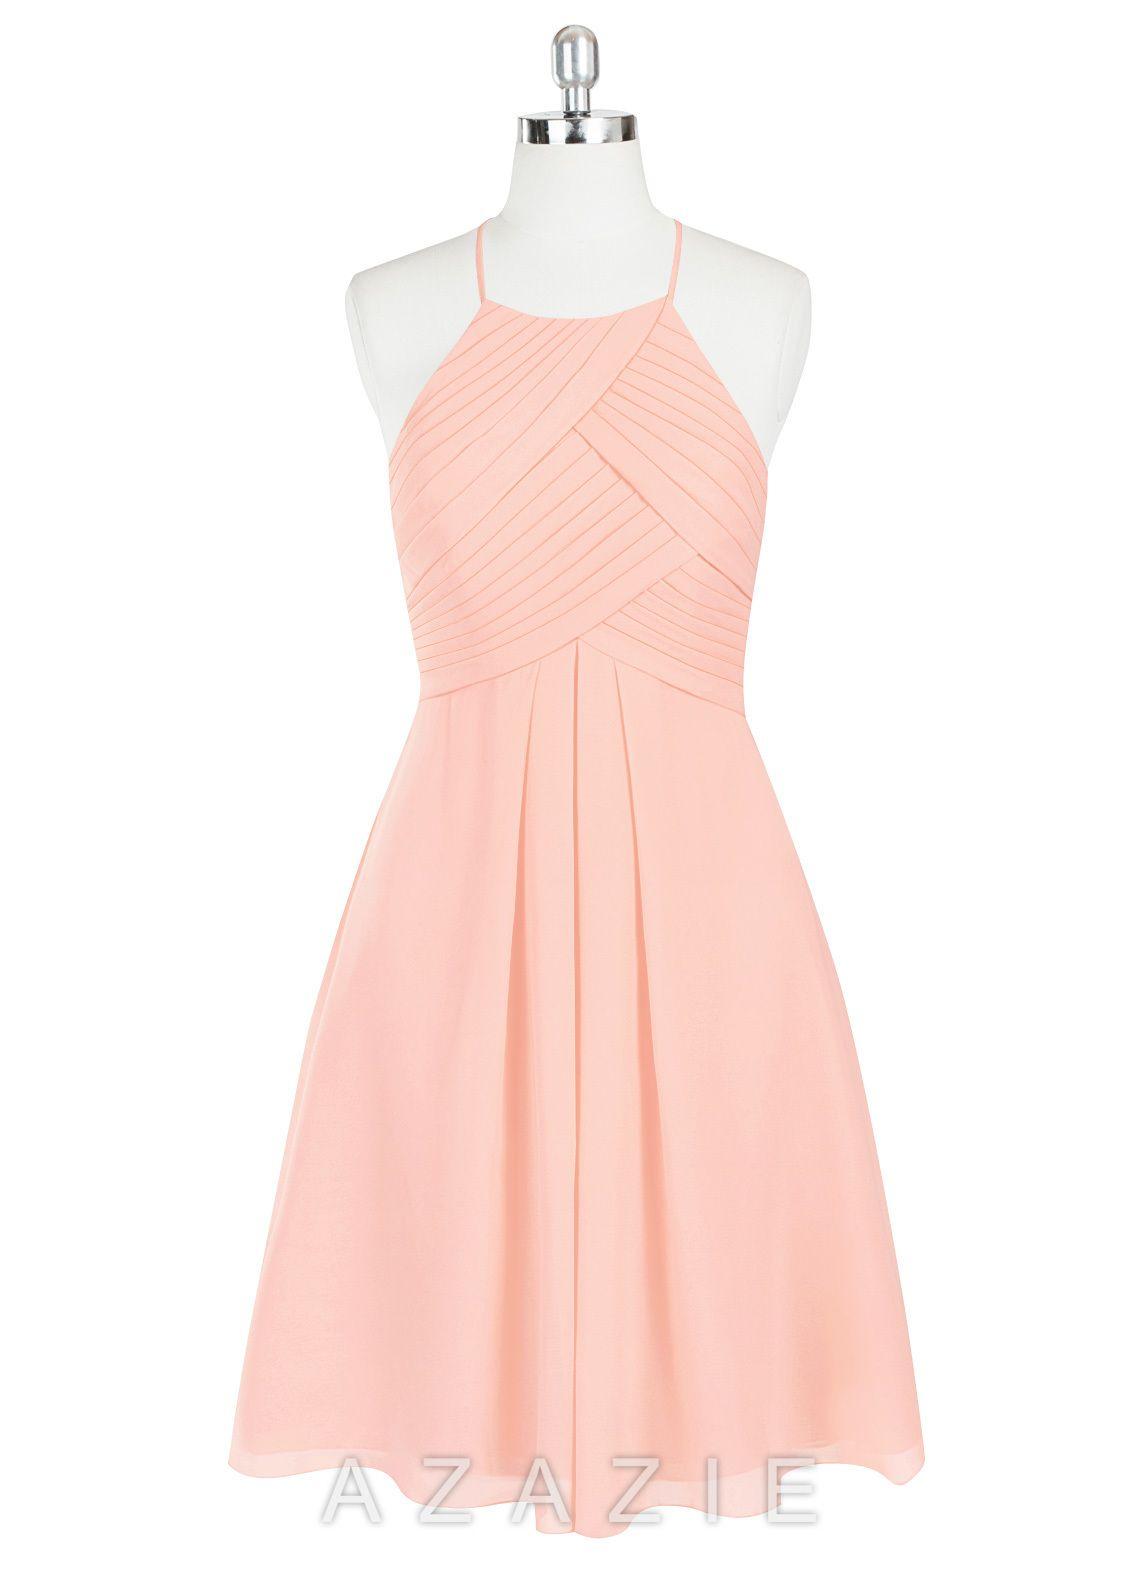 ADRIANA - Bridesmaid Dress | Vestiditos, Ropa y Vestidos de fiesta ...